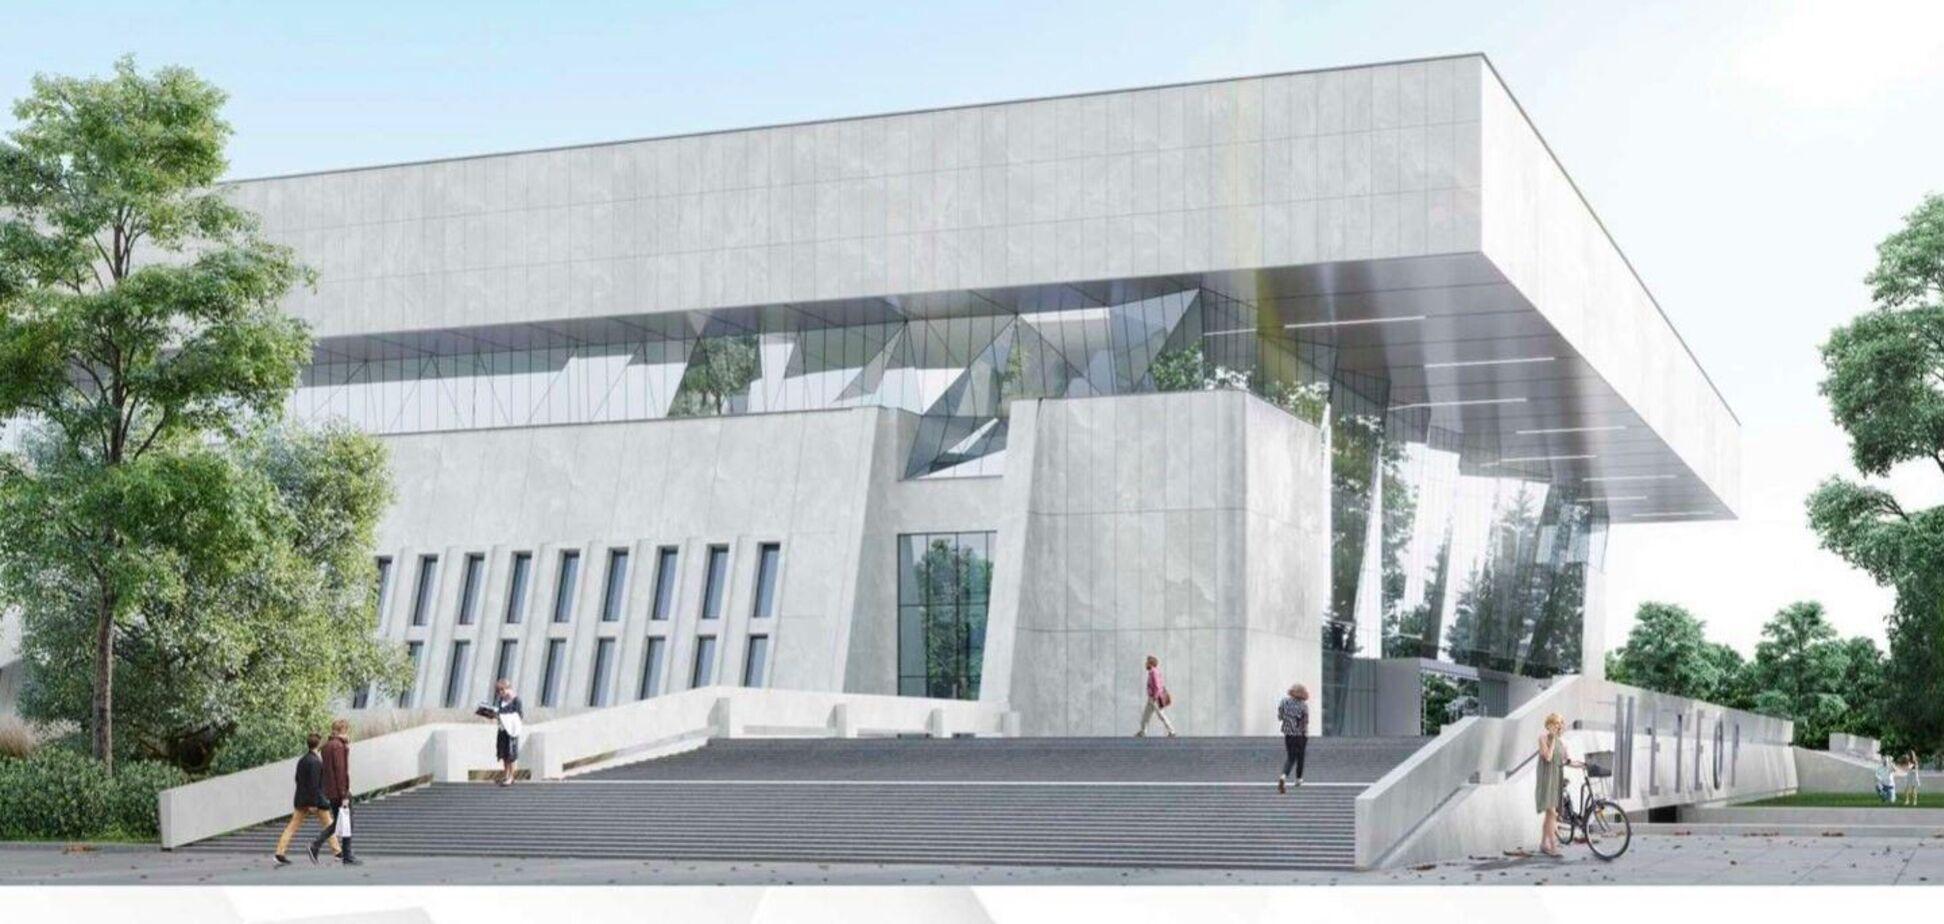 У Дніпрі побудують видовищно-спортивний палац 'Метеор'